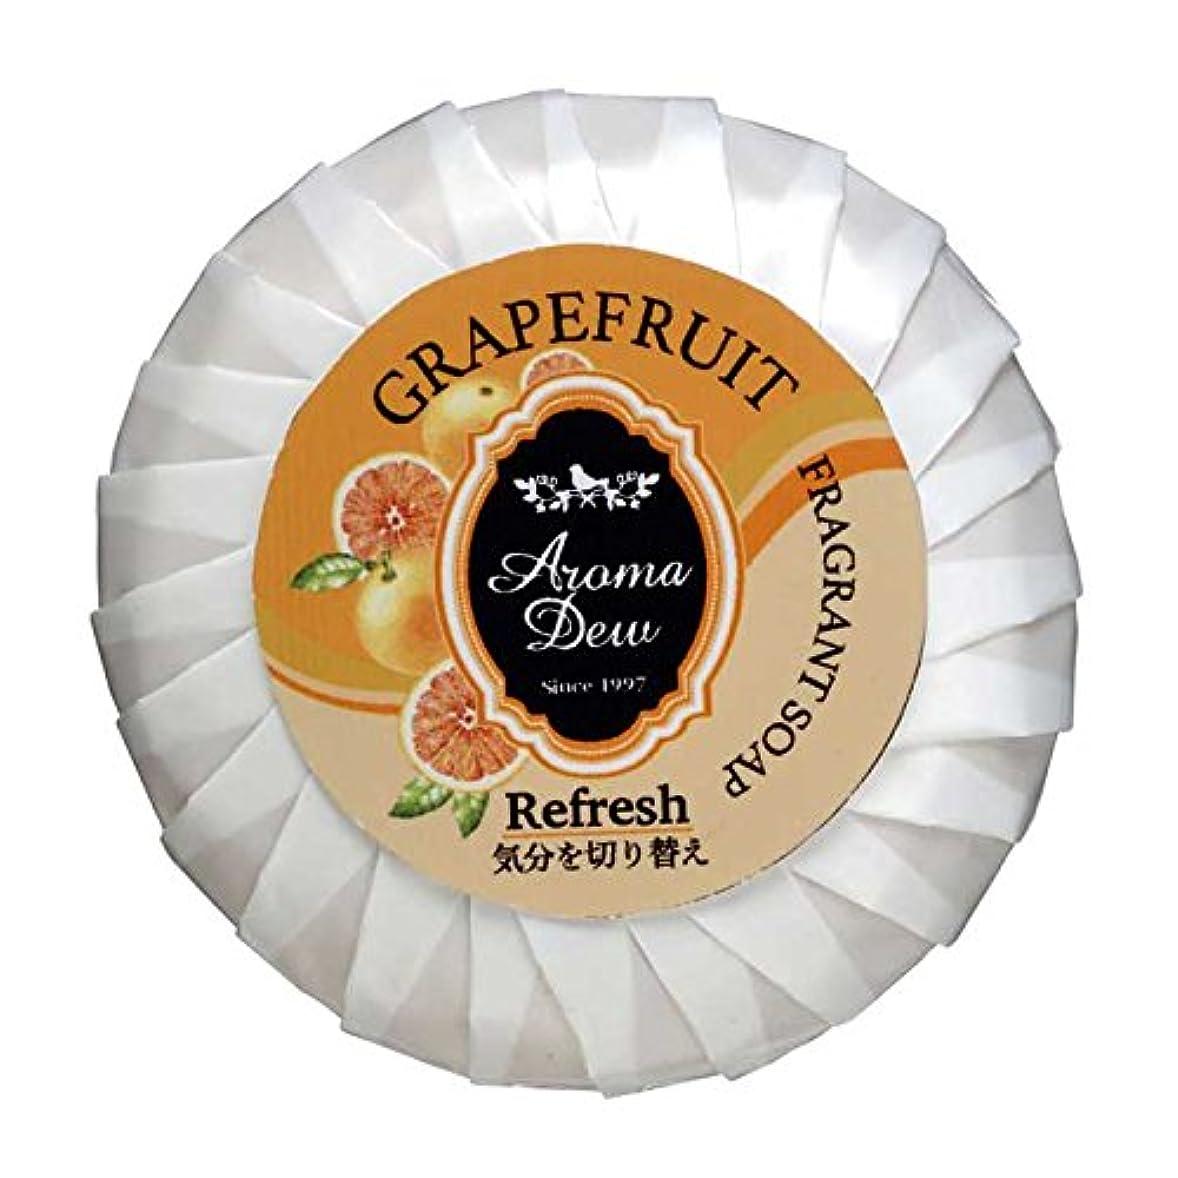 シロクマハロウィン南アメリカアロマデュウ フレグラントソープ グレープフルーツの香り 100g